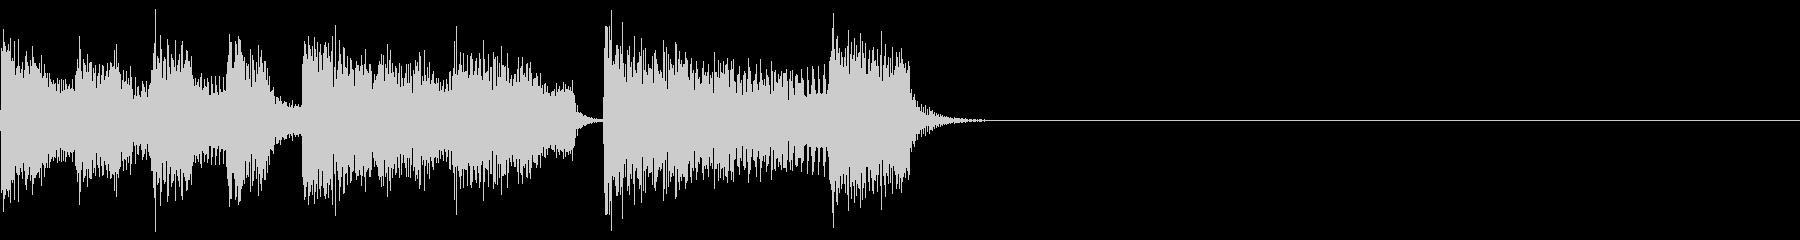 レトロでエレクトロなサウンドロゴの未再生の波形